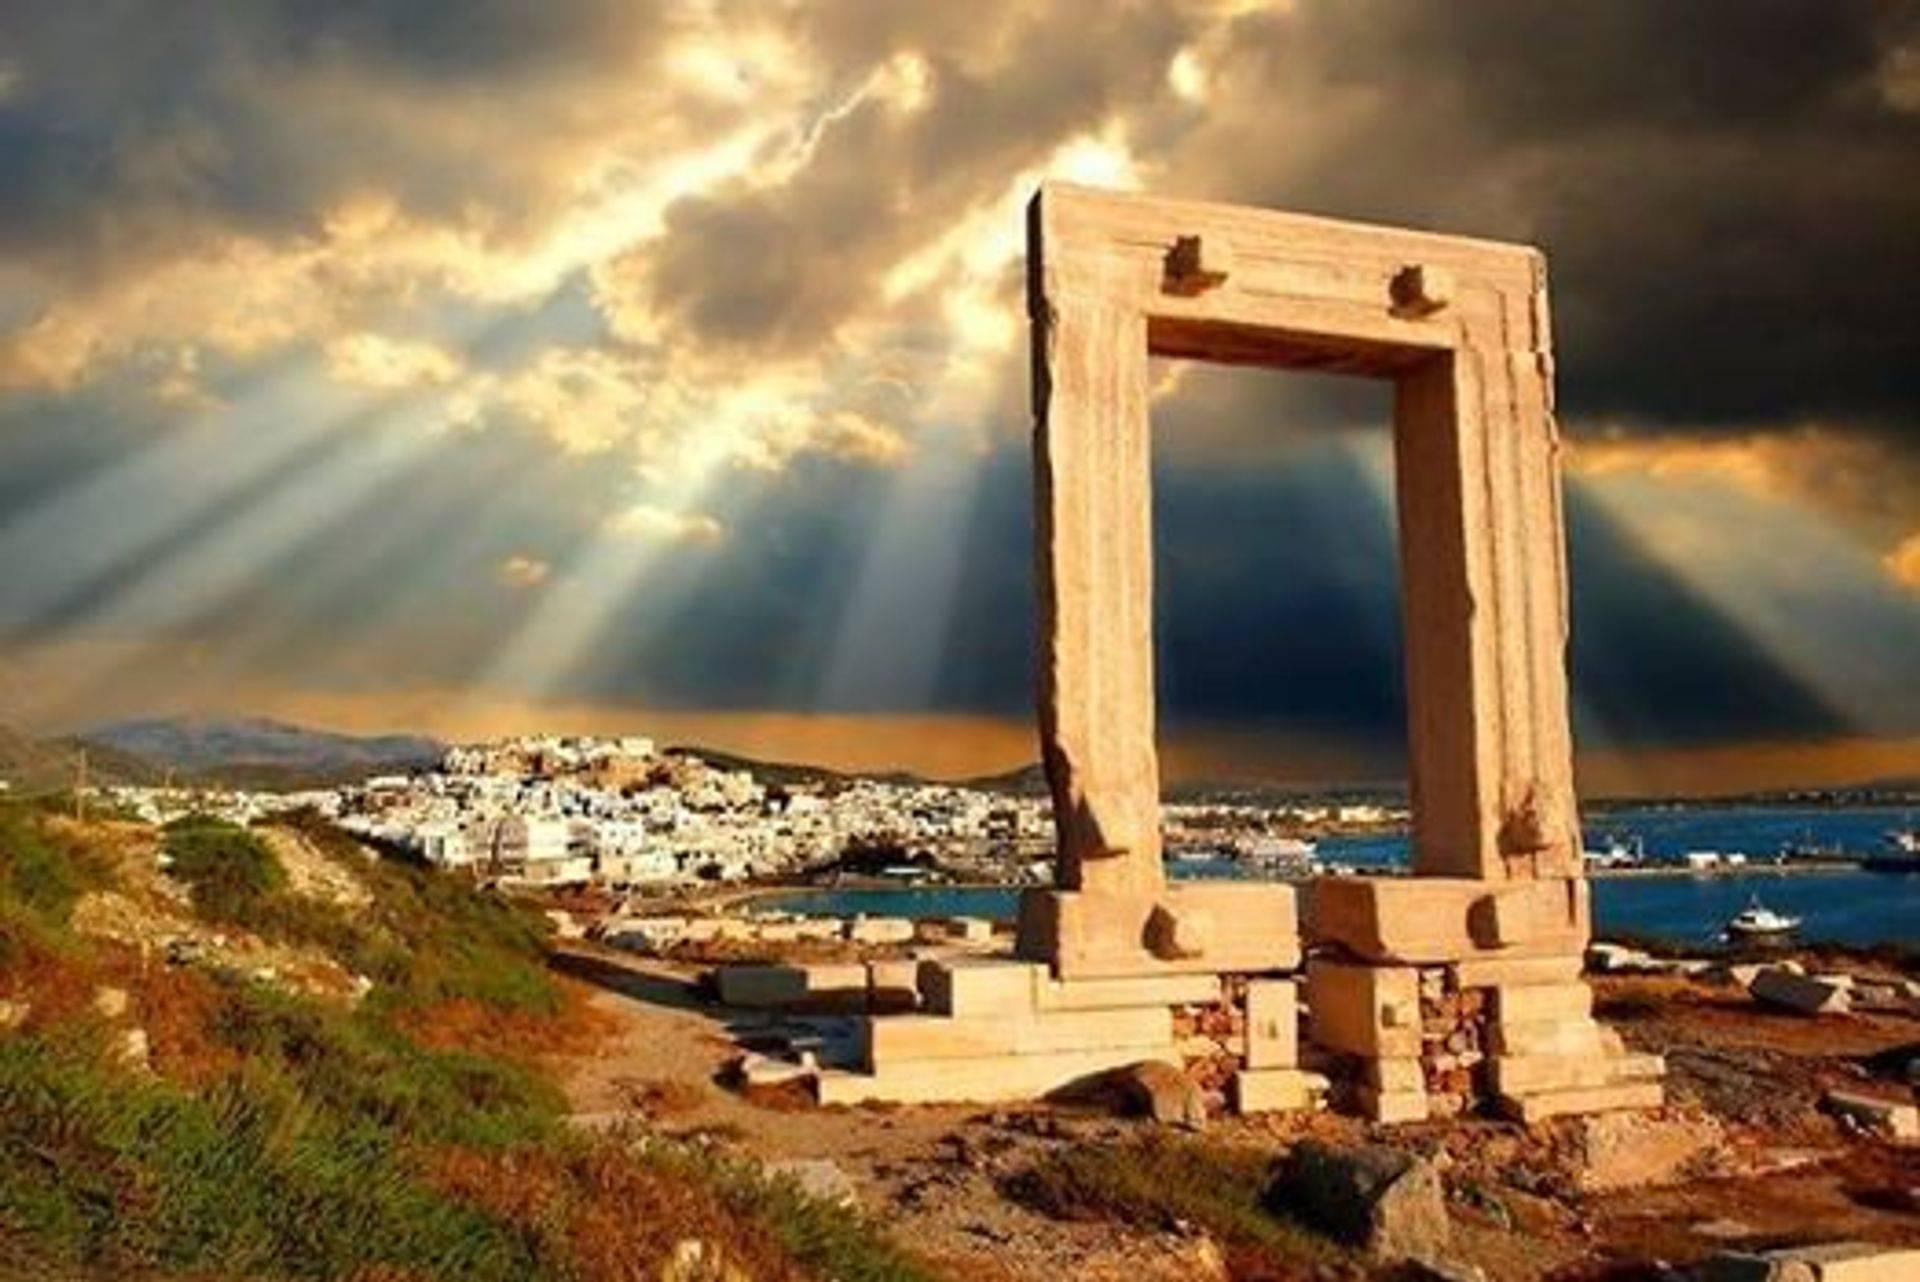 Naxos, Apollo Temple, the iris of the owrld